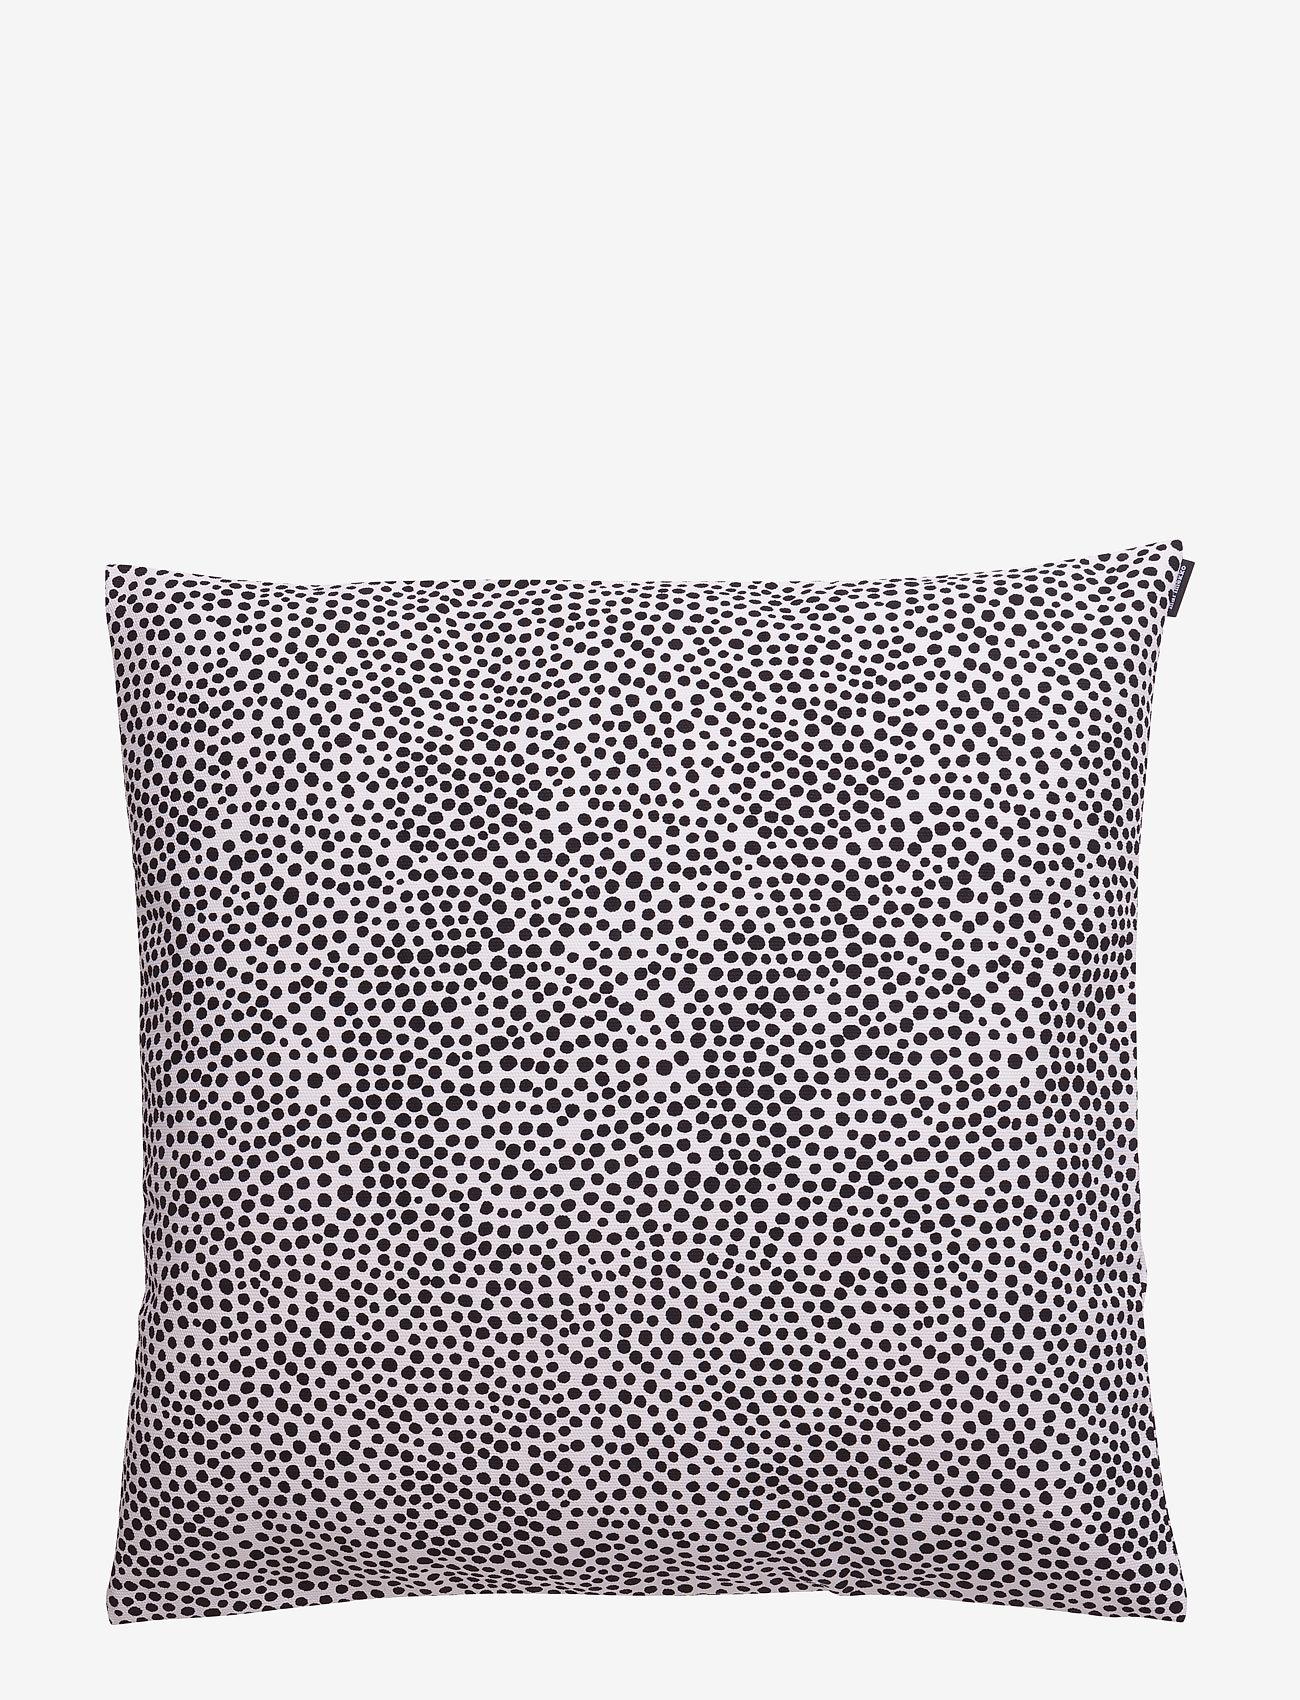 Marimekko Home - PIRPUT PARPUT CUSHION COVER - poszewki na poduszki ozdobne - white,black - 0